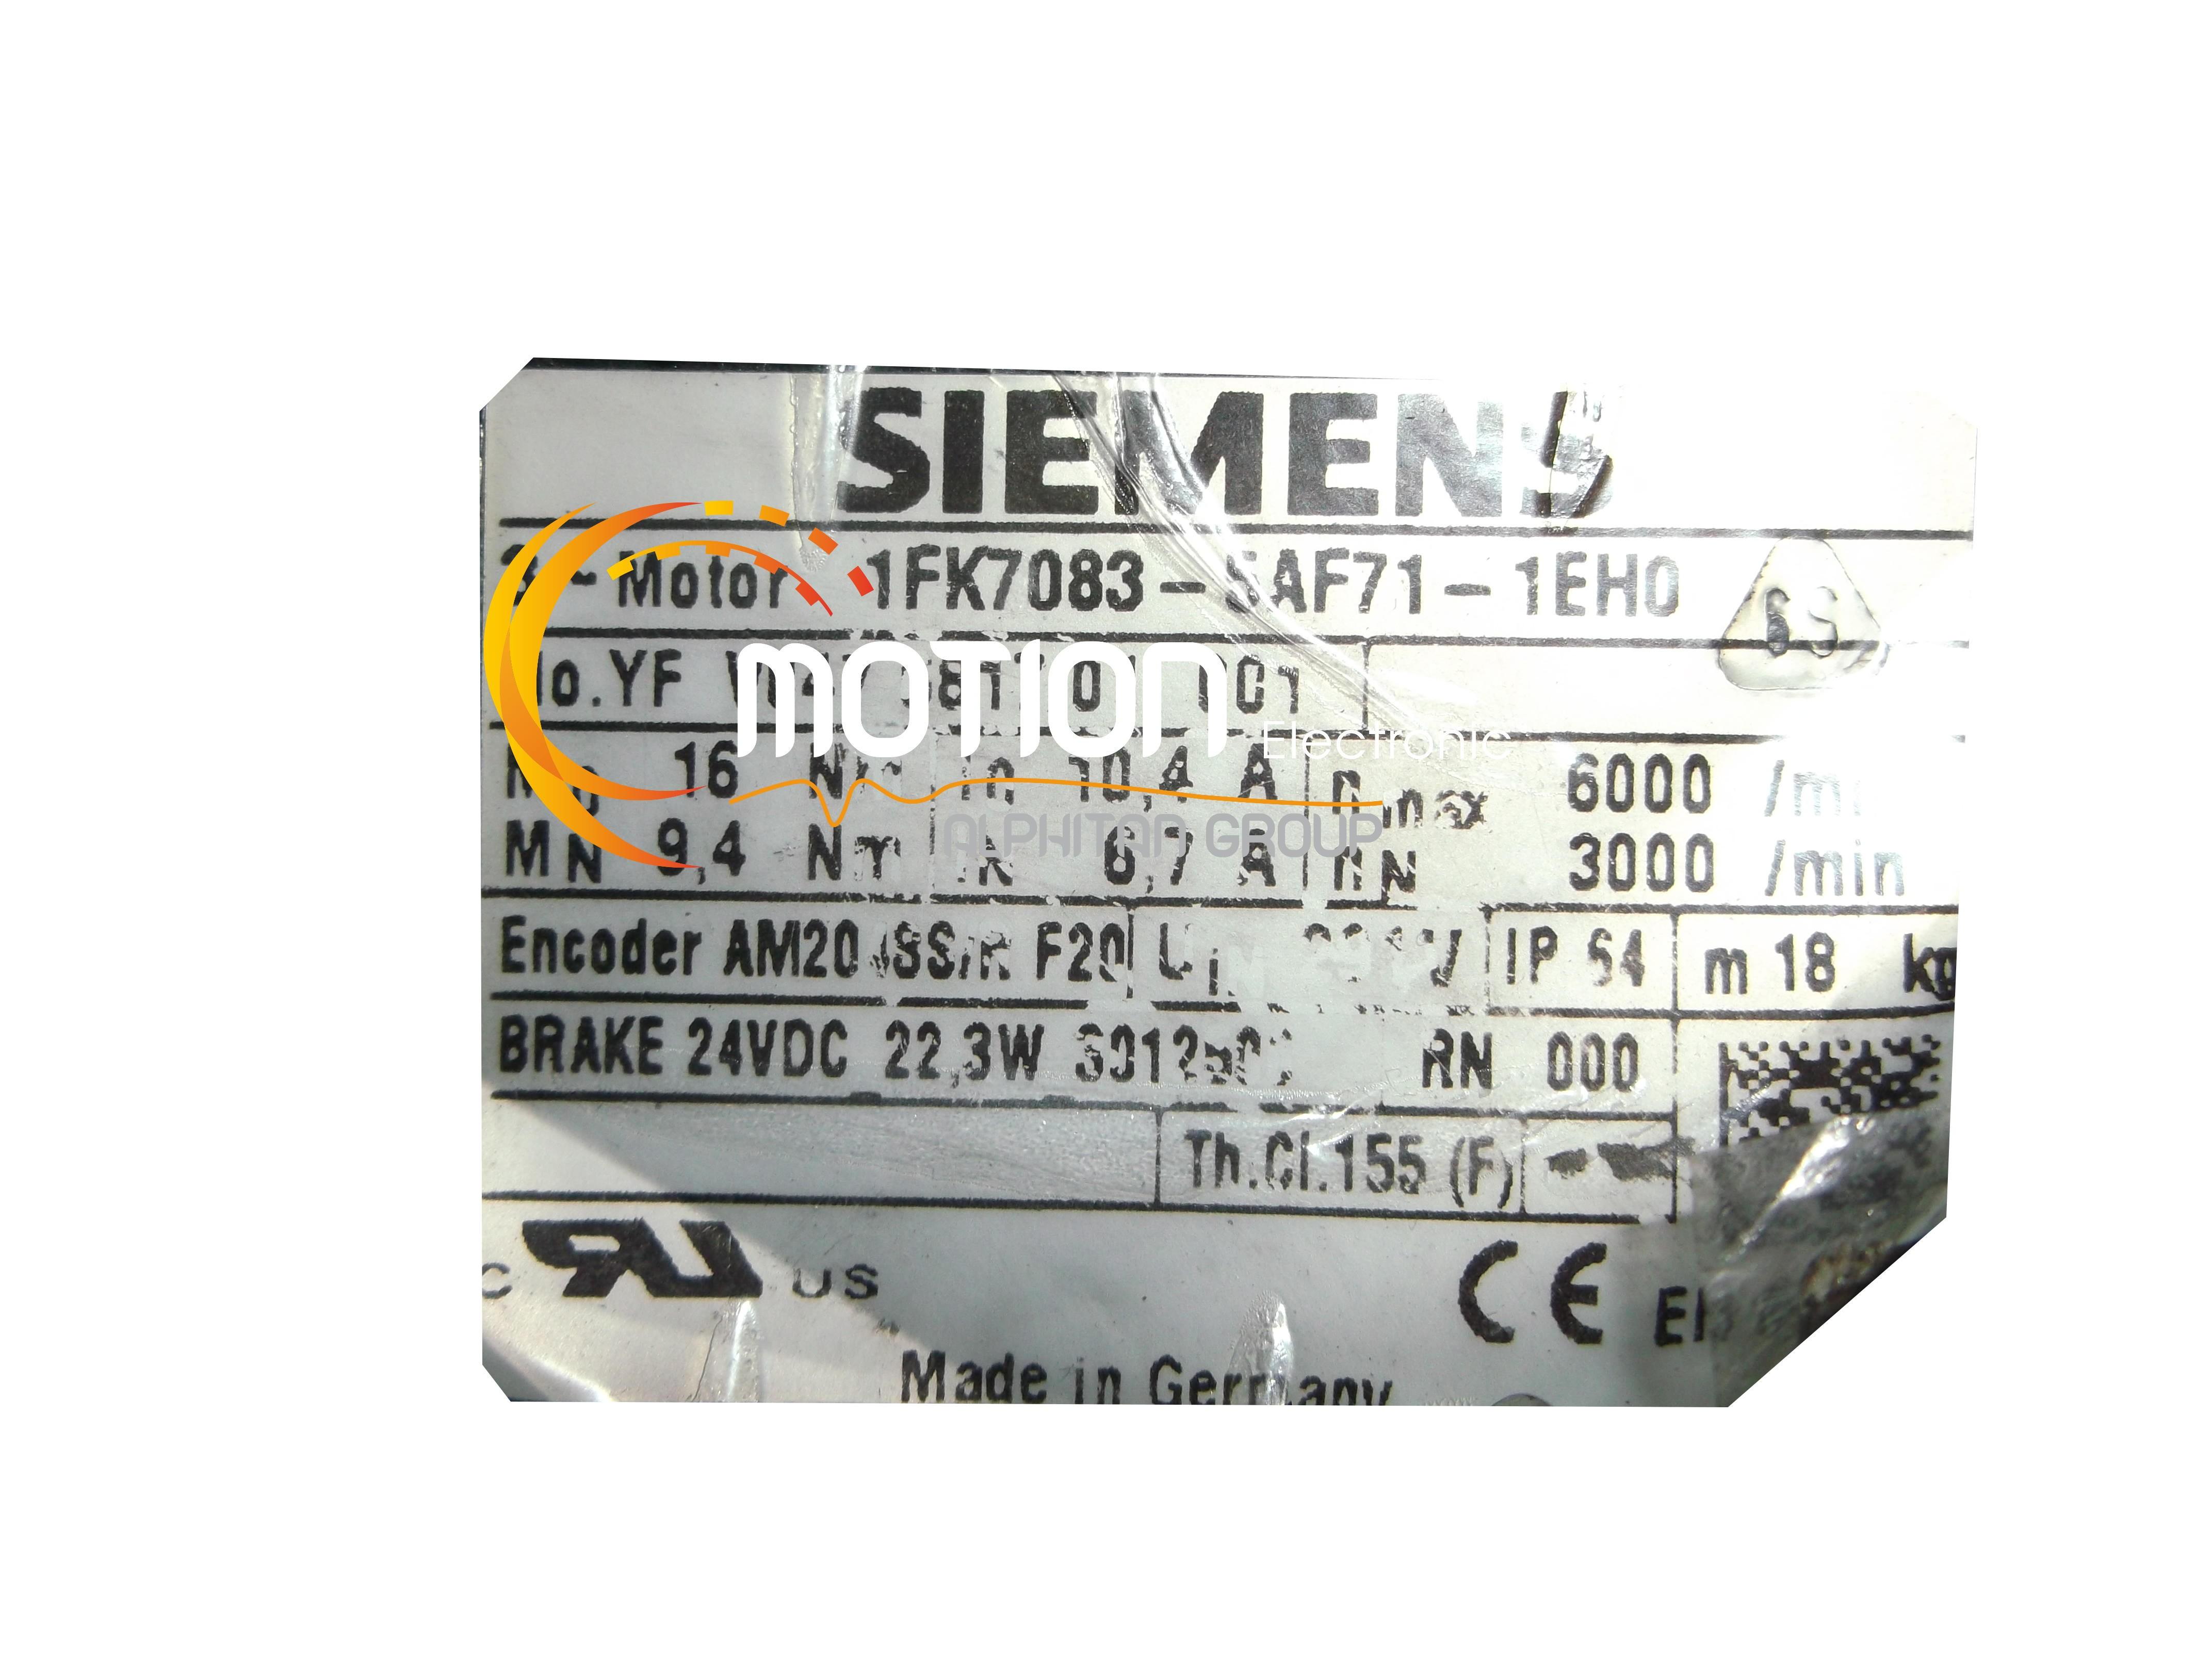 Siemens 1fk7083 5af71 1eh0 motor for Siemens electric motors catalog